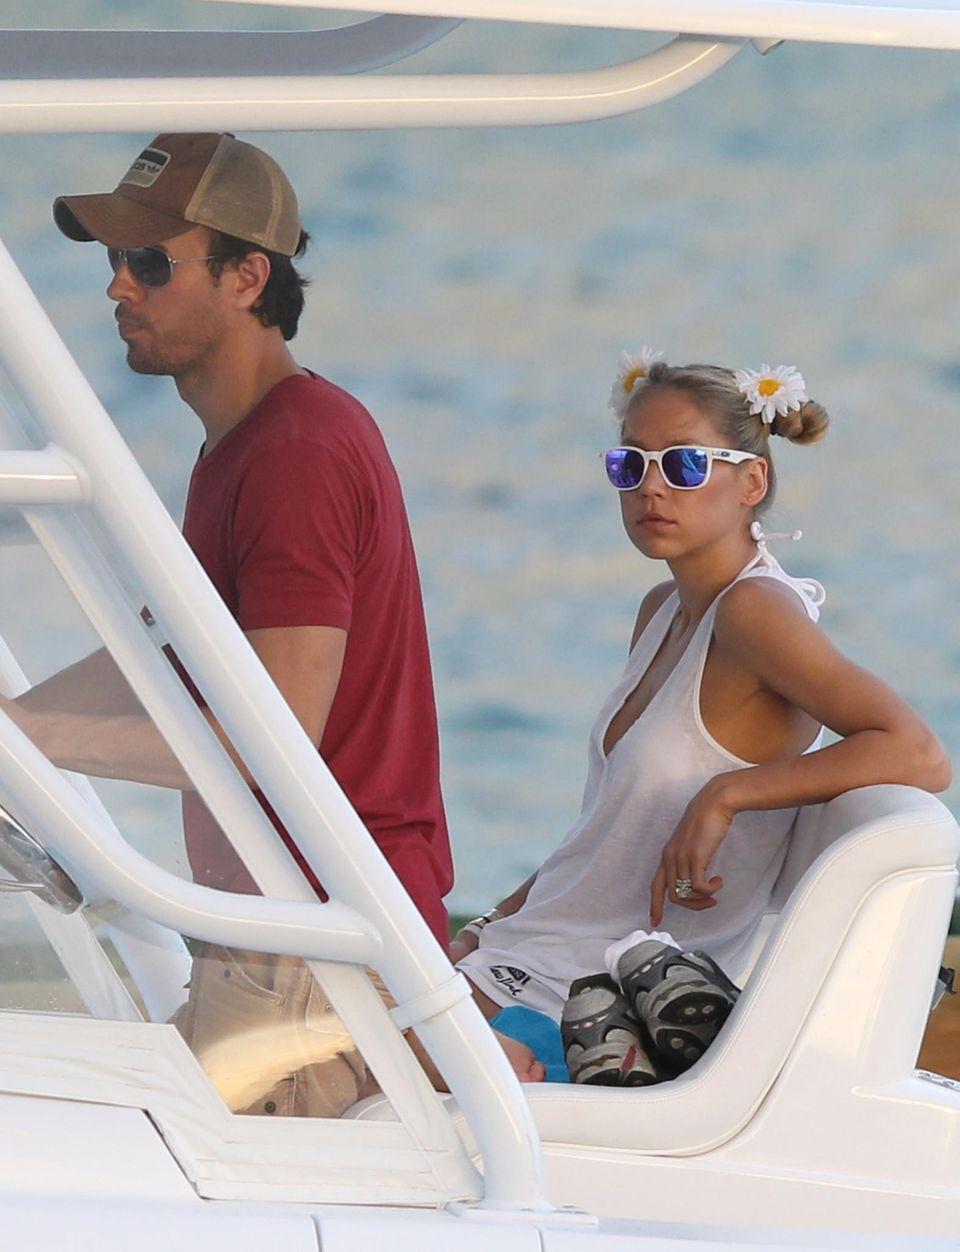 12. Januar 2014: Enrique Iglesias und Anna Kurnikova düsen mit ihrem Boot an der Küste von Miami Beach entlang.